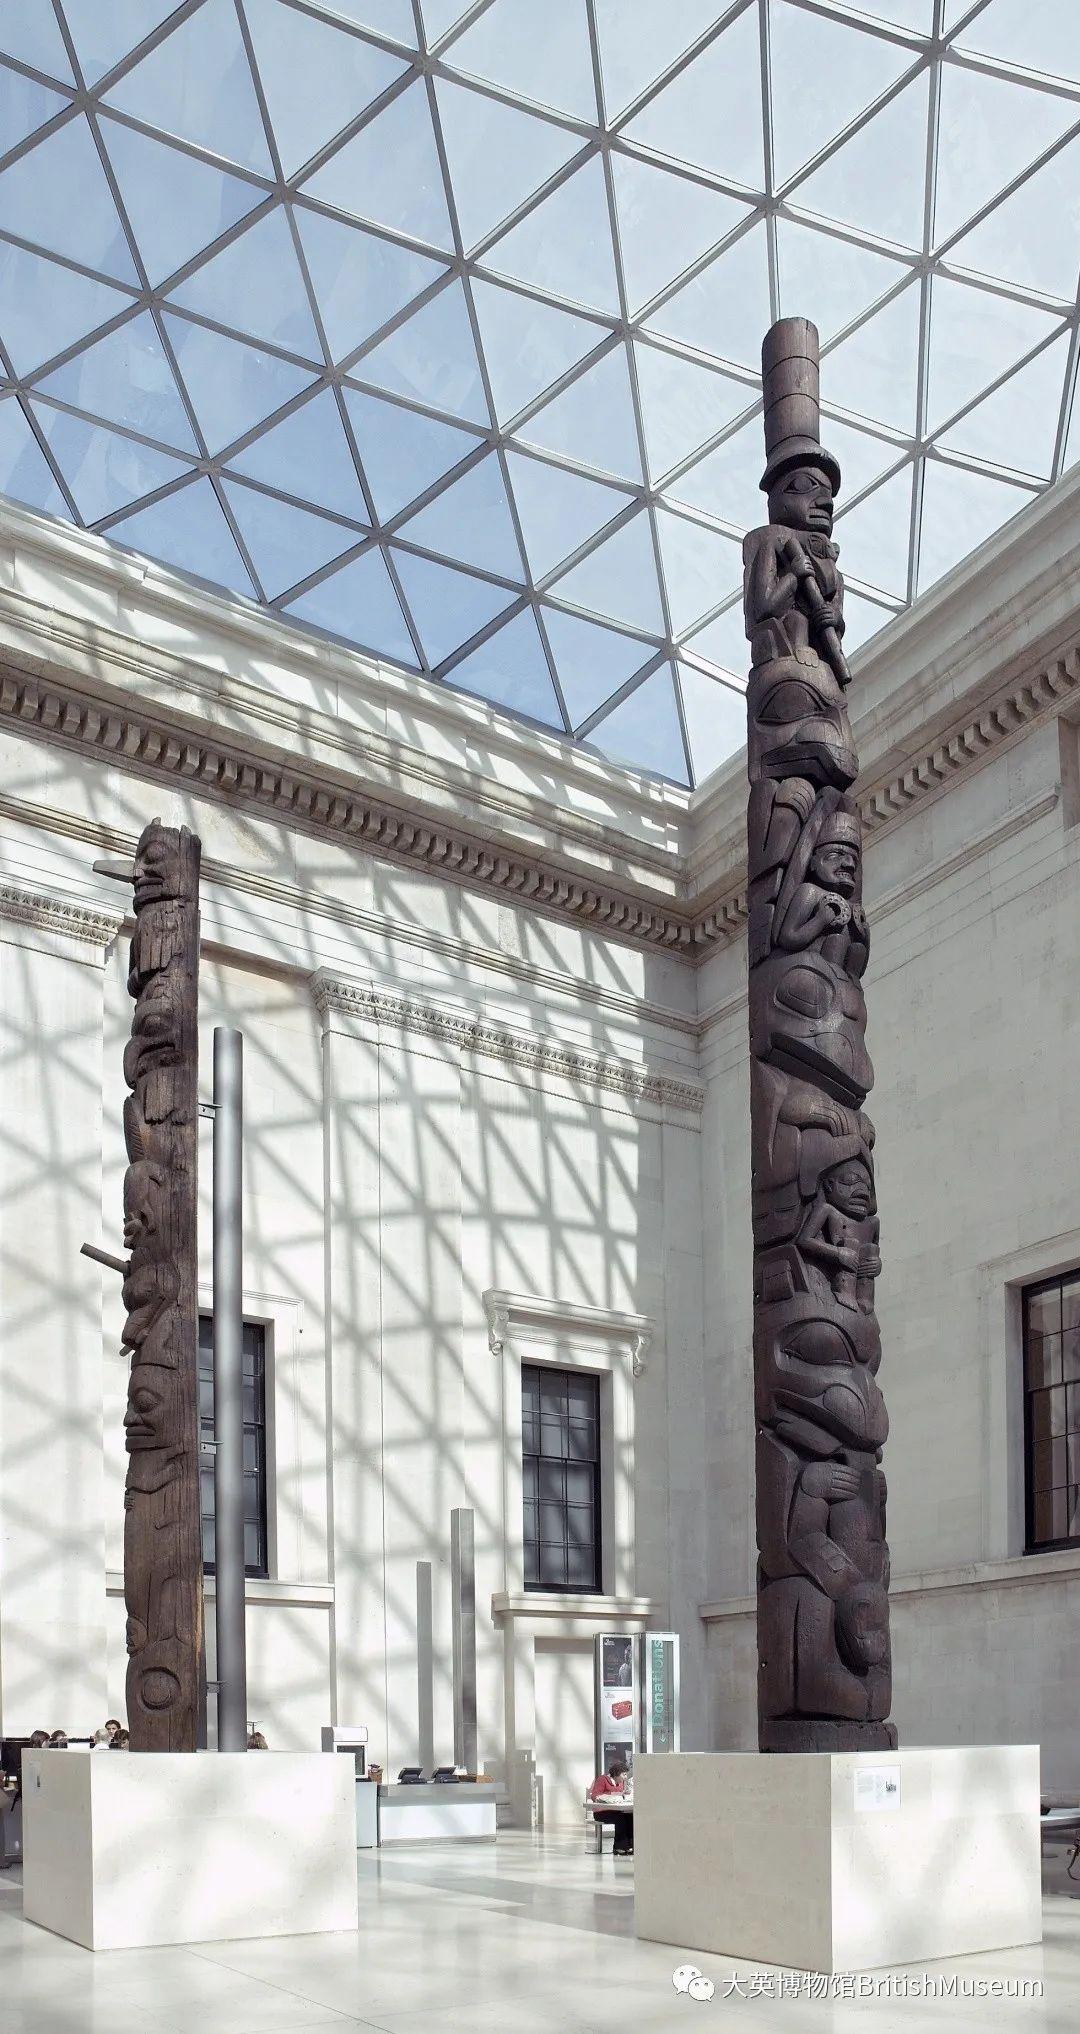 大英博物馆再次开放 10件馆藏带你感受文物之美